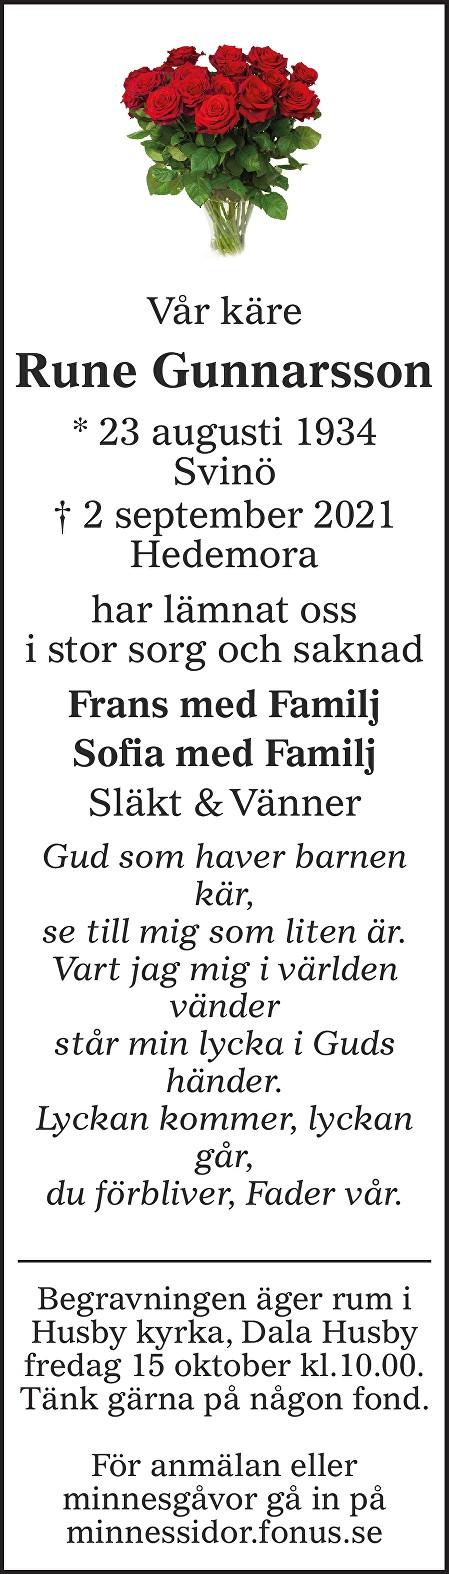 Rune Gunnarsson Death notice